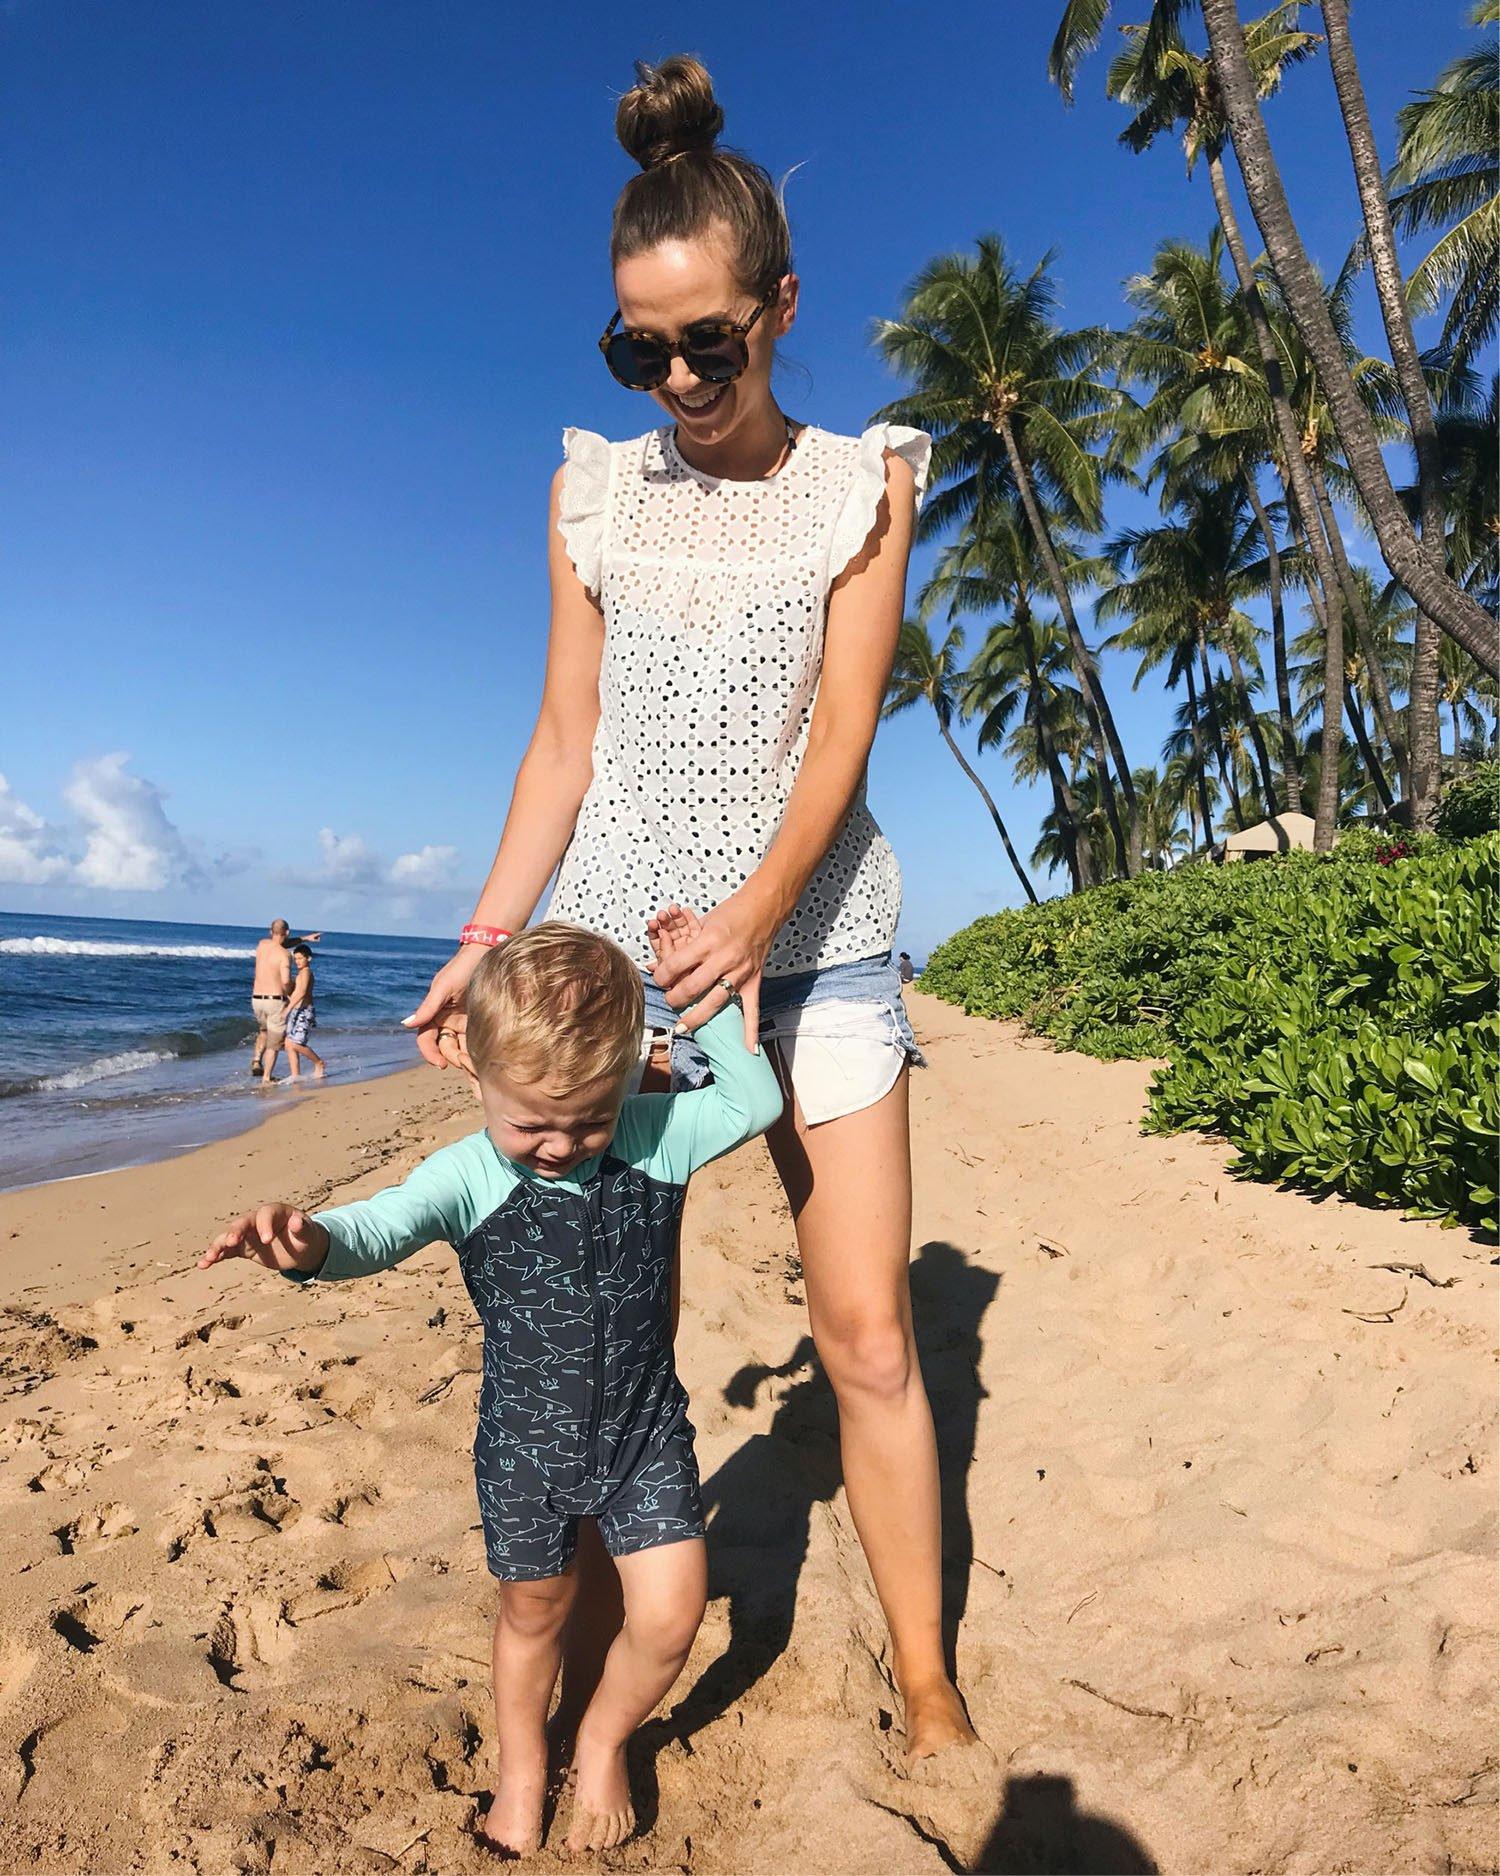 beachwear | merricksart.com